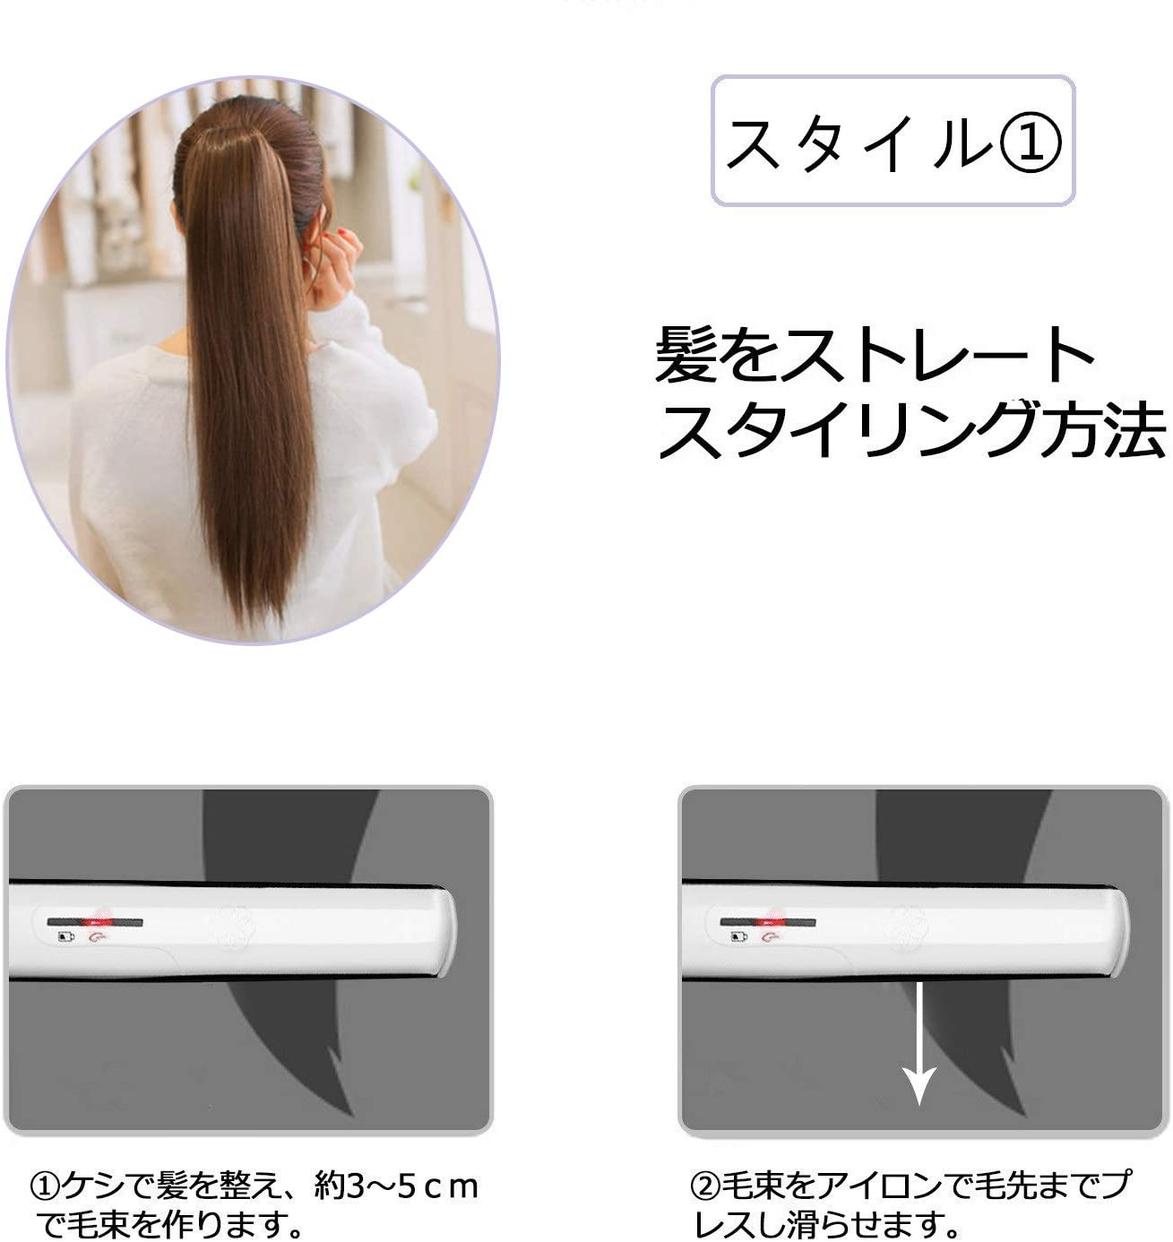 HBLIFE(エイチビーライフ) ヘアアイロン USB充電式の商品画像3